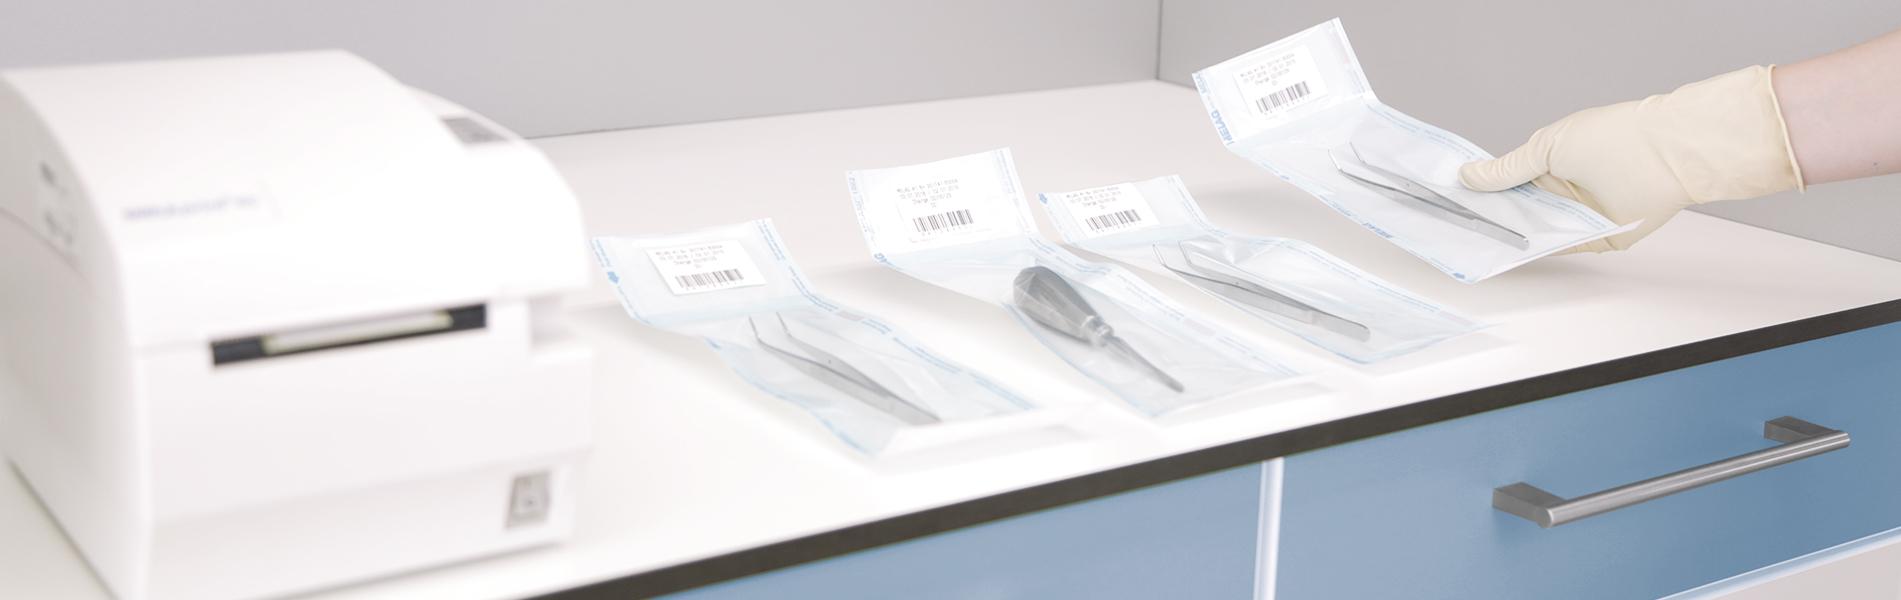 Kantong tertutup dengan instrumen steril pada permukaan kerja dalam ruang sterilisasi